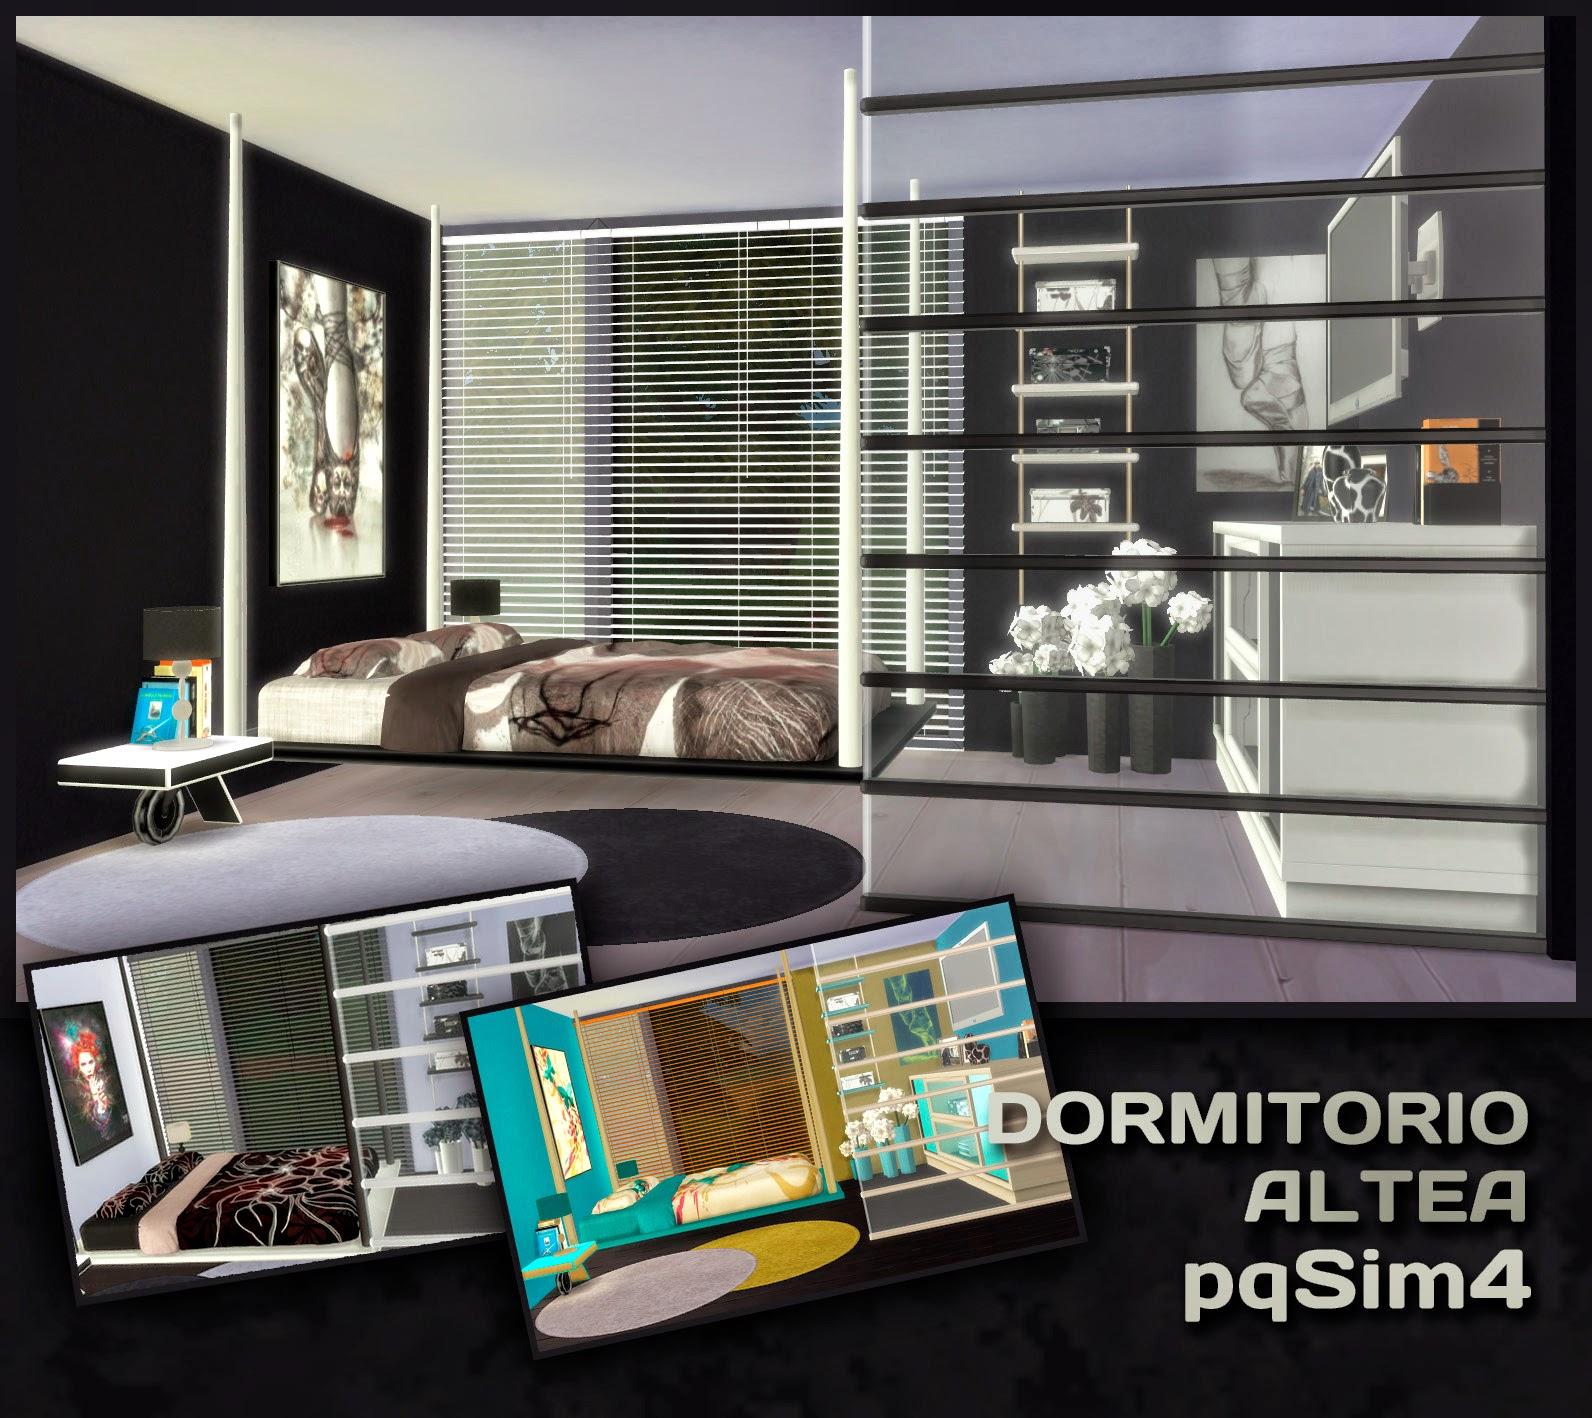 Dormitorio altea sims 4 custom content for Dormitorio sims 4